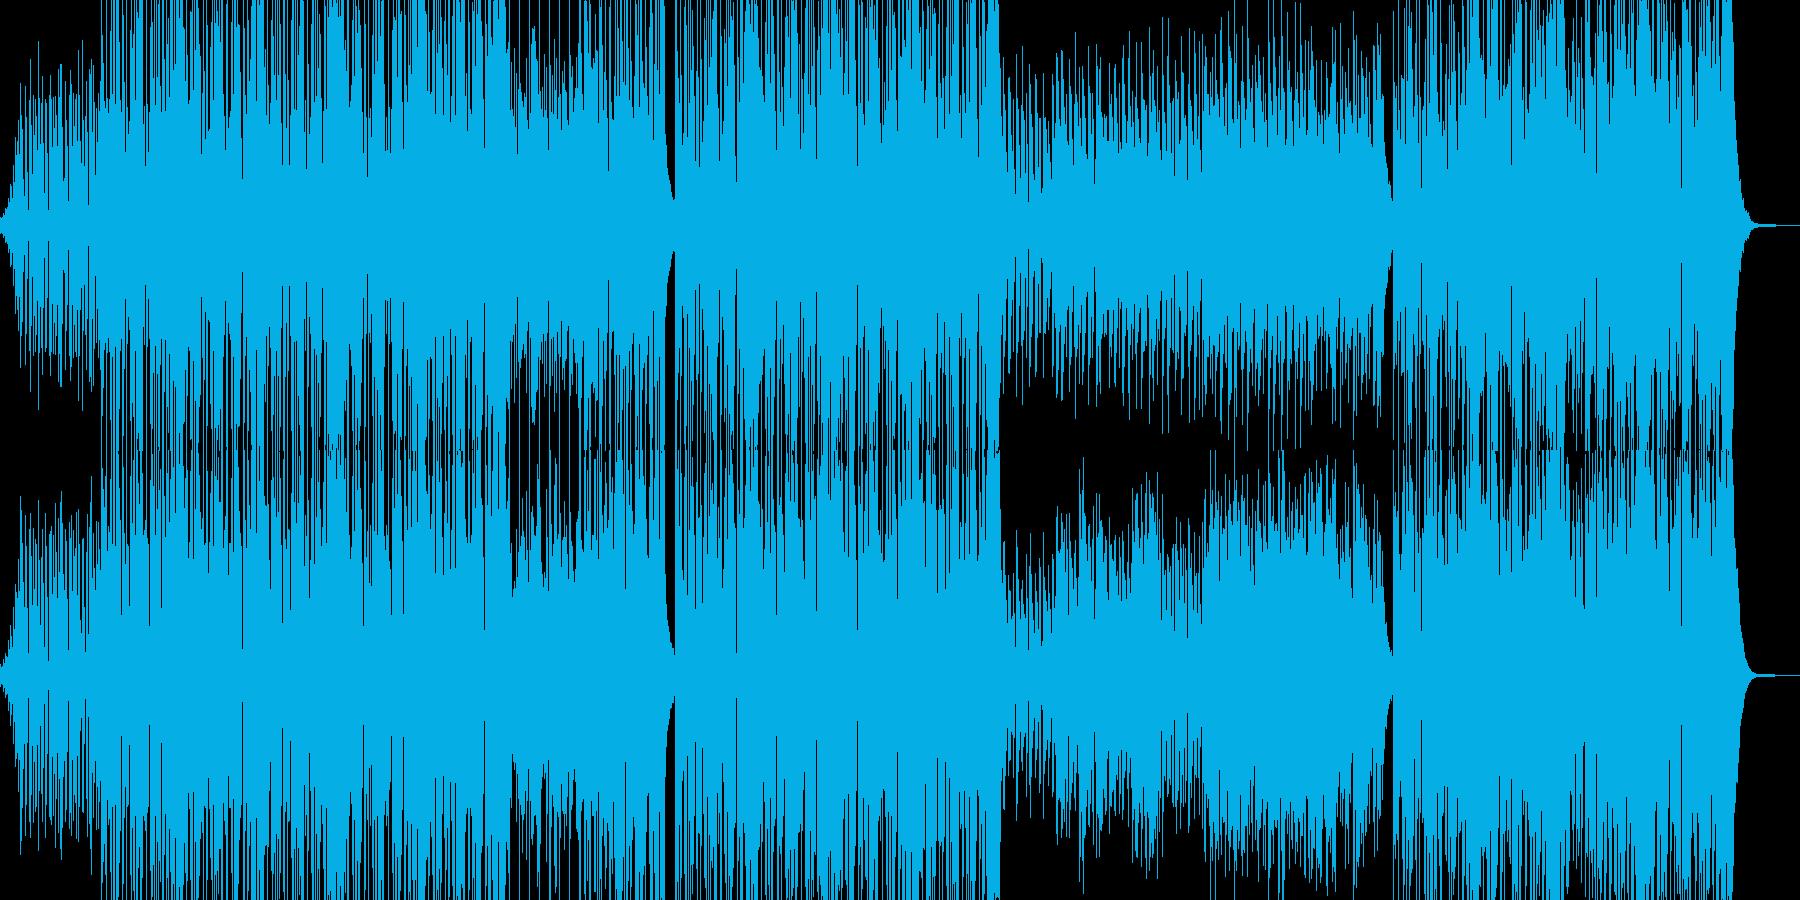 ご機嫌なジャズRBトラックの再生済みの波形